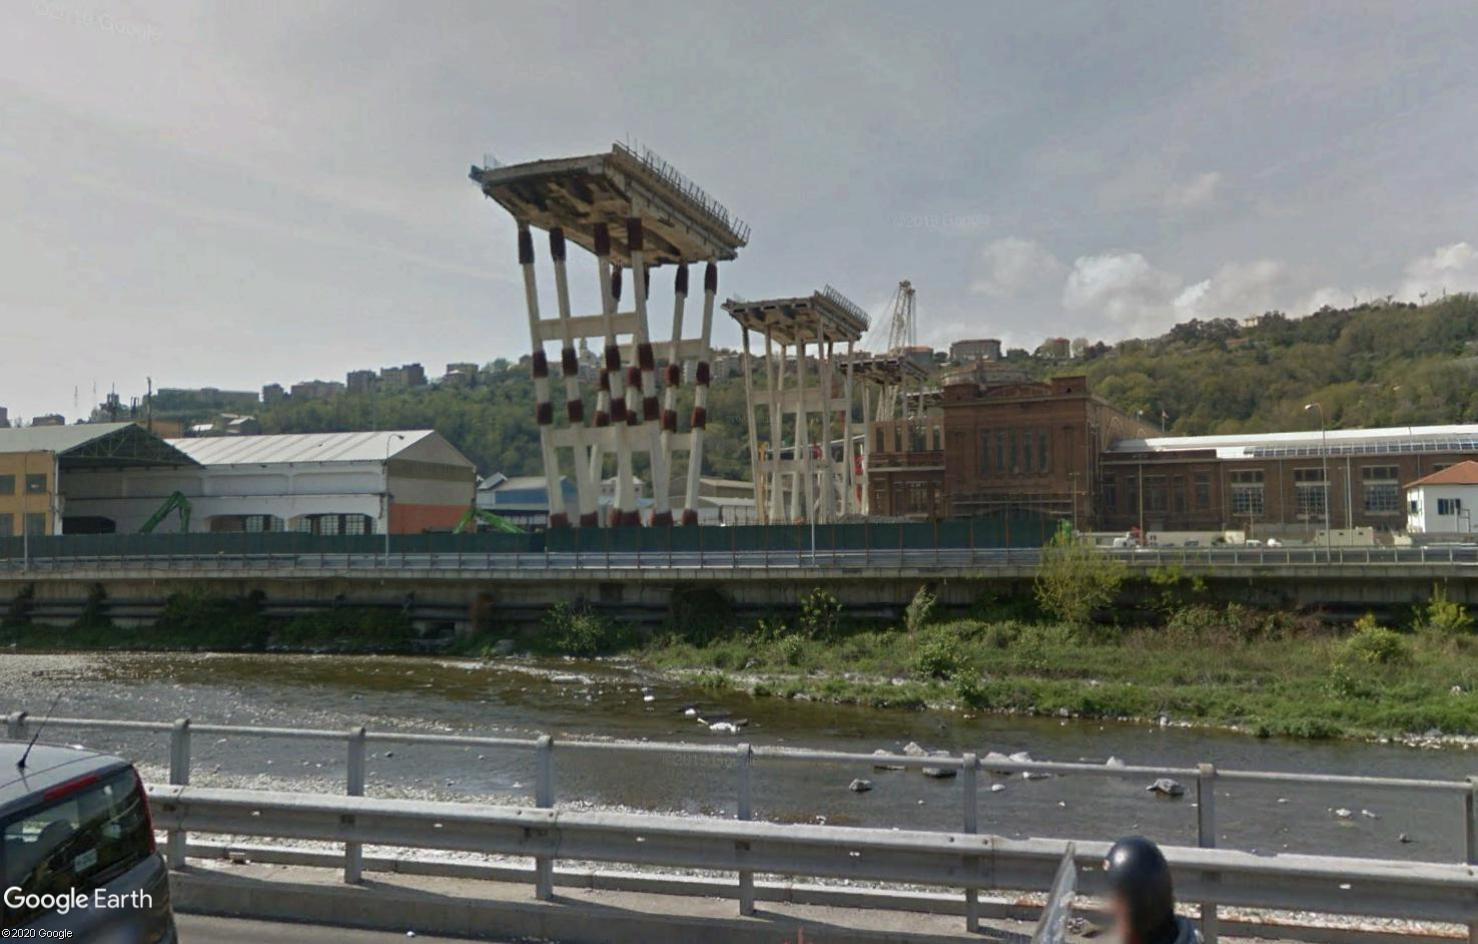 [Bientôt visible sur Google Earth] - Le pont Morandi, Gênes Tsge1599